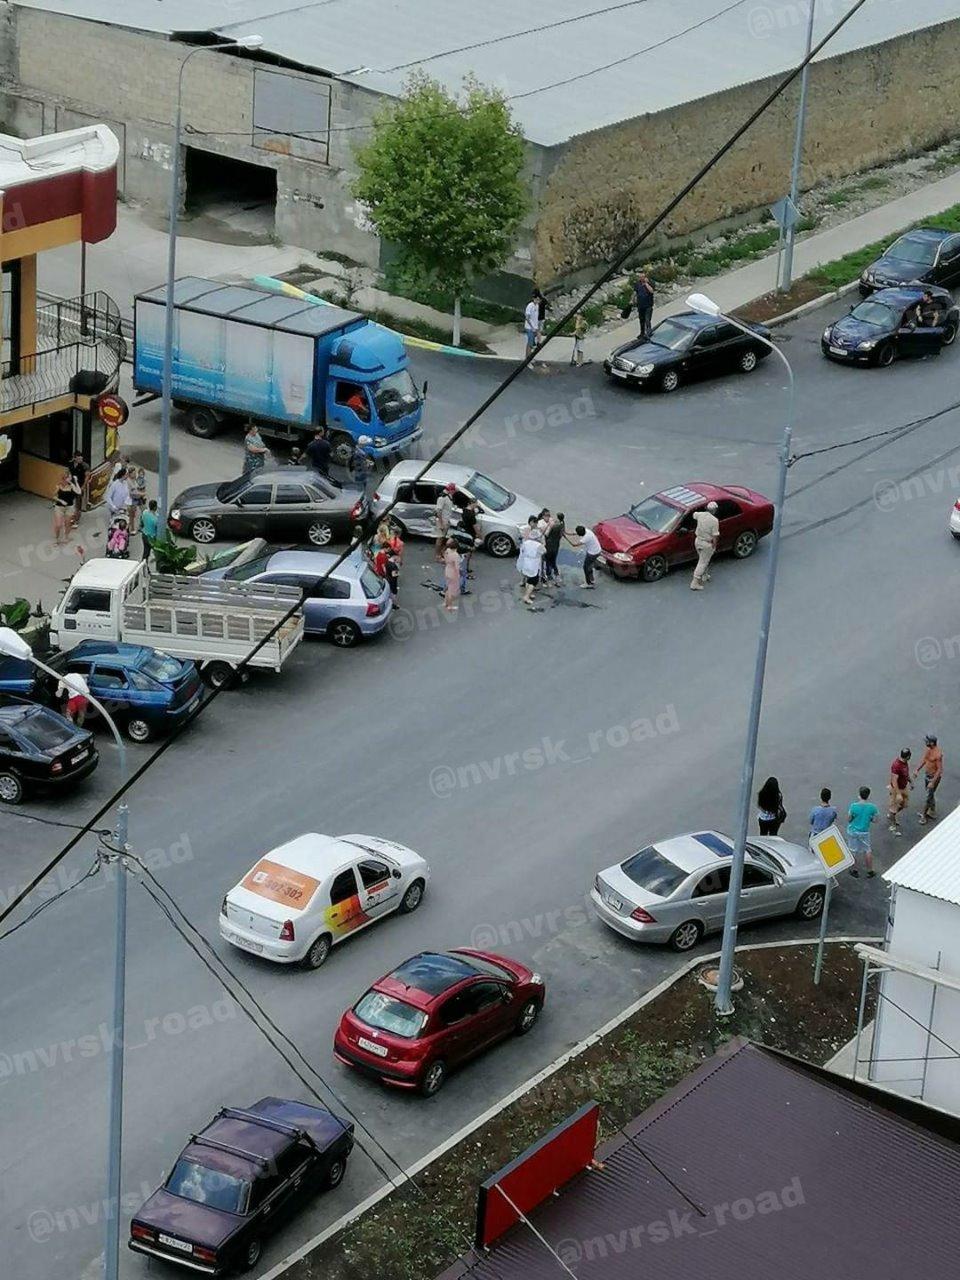 В Новороссийске во время ДТП из машины вылетел шестимесячный ребенок